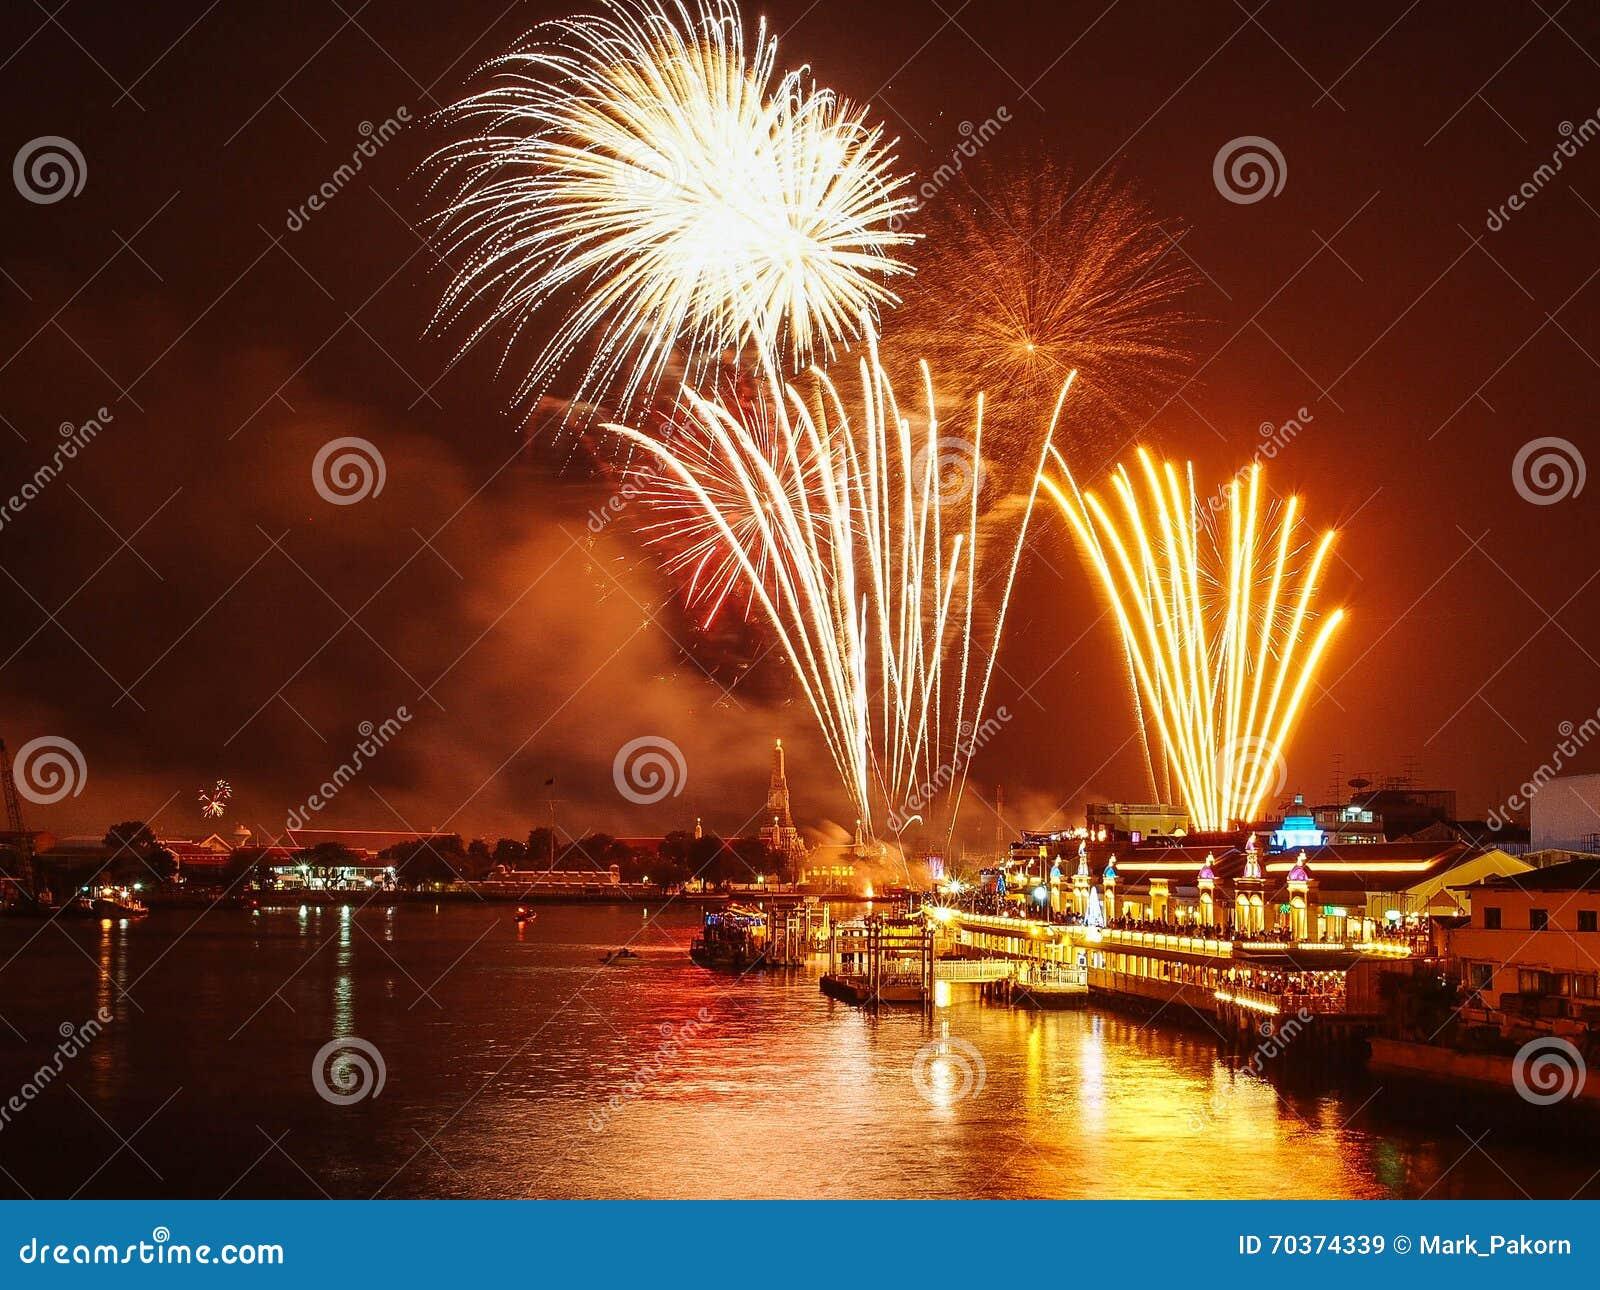 happy new year 2016 thailand firework